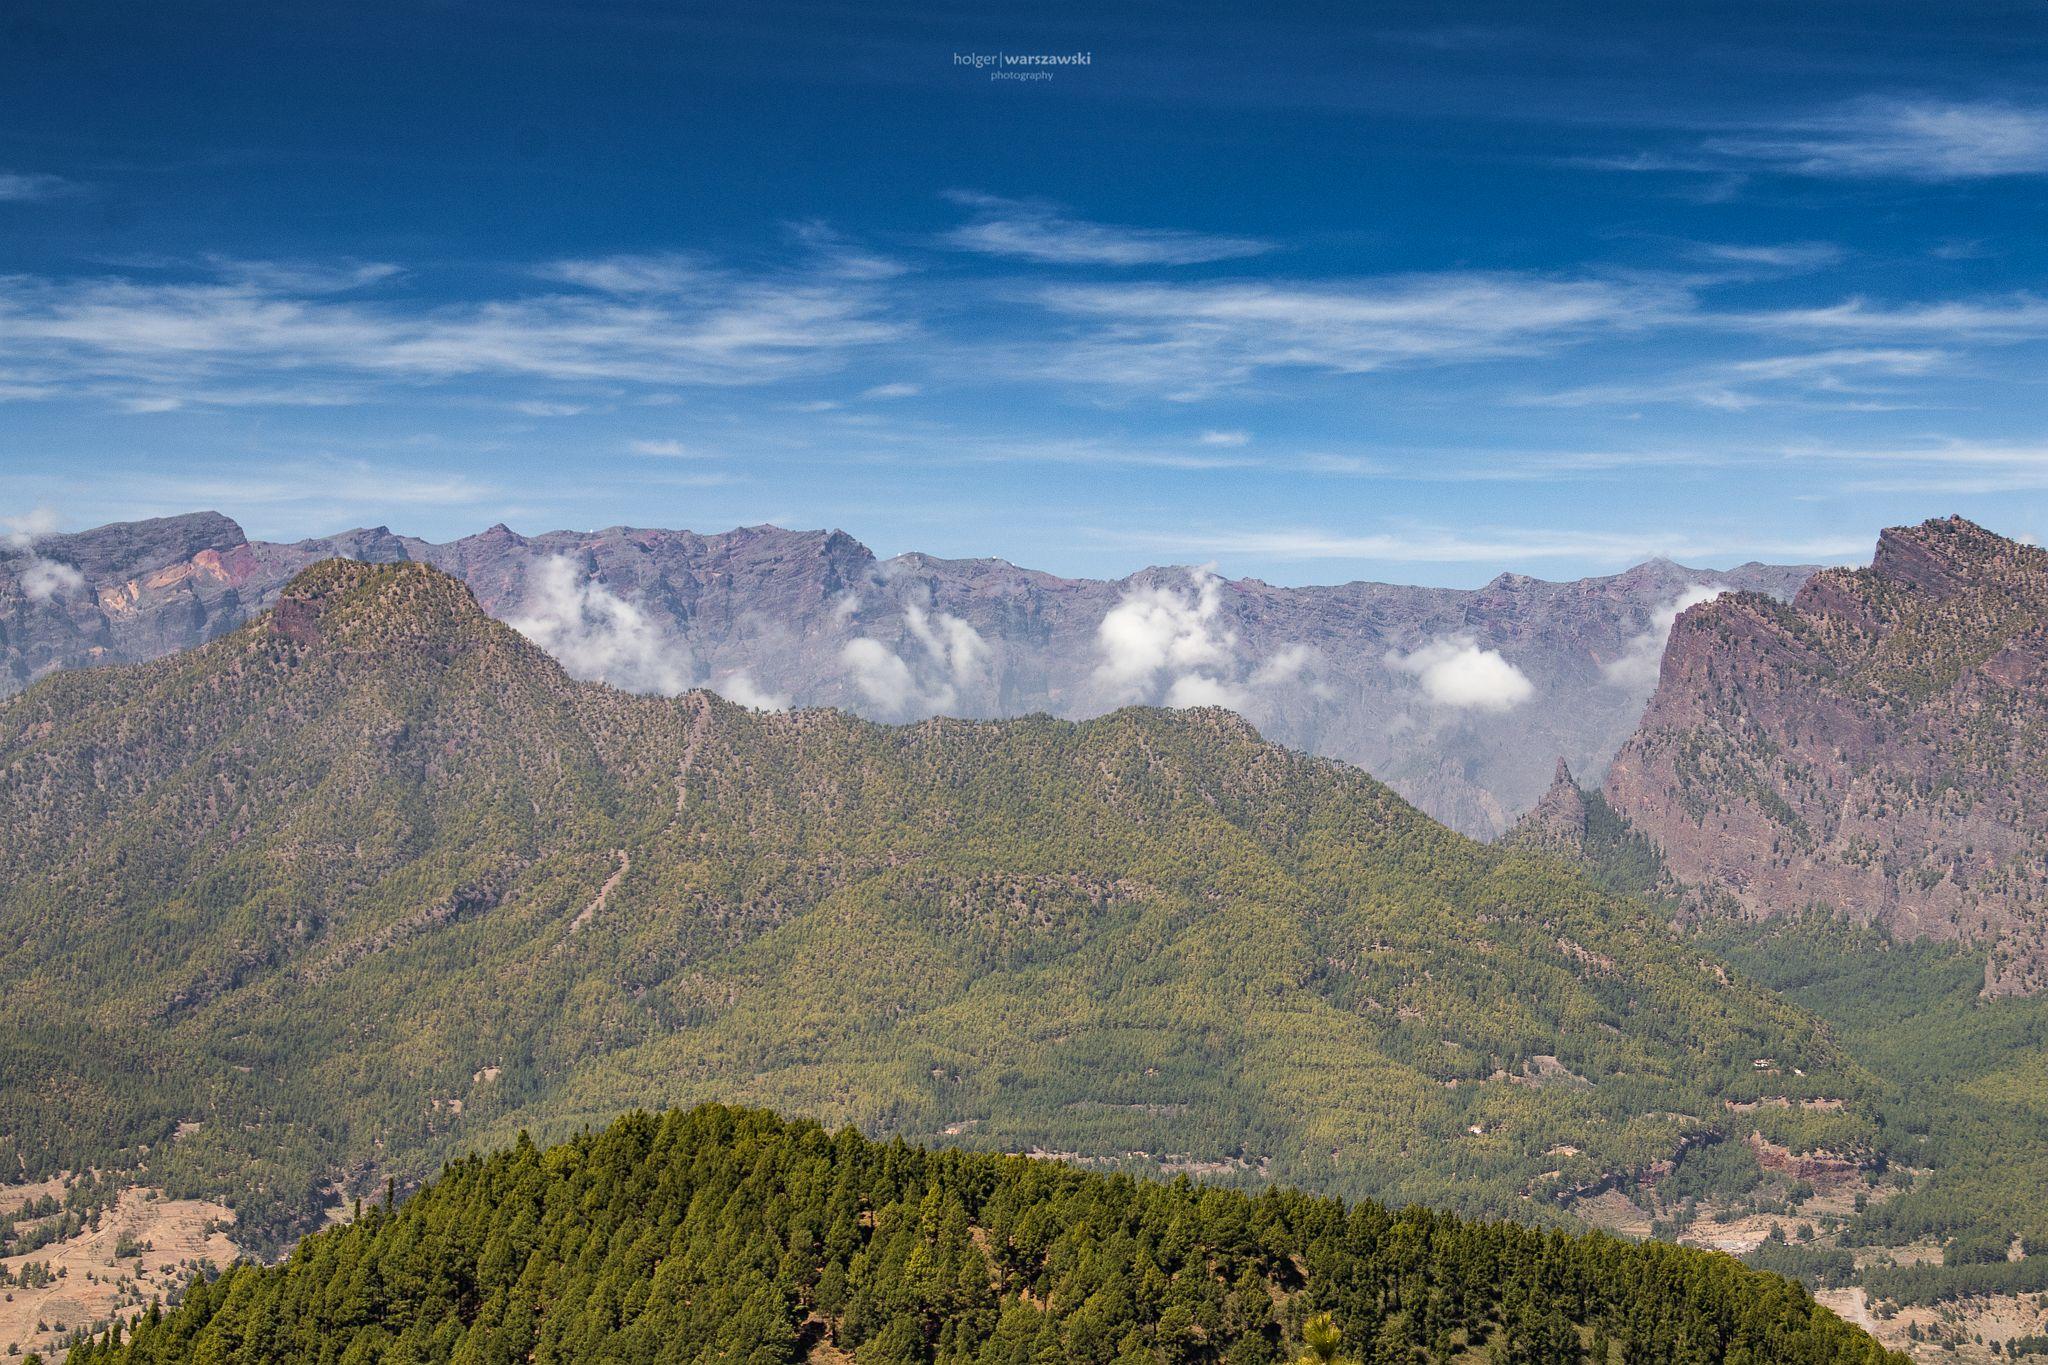 La Palma – La isla bonita